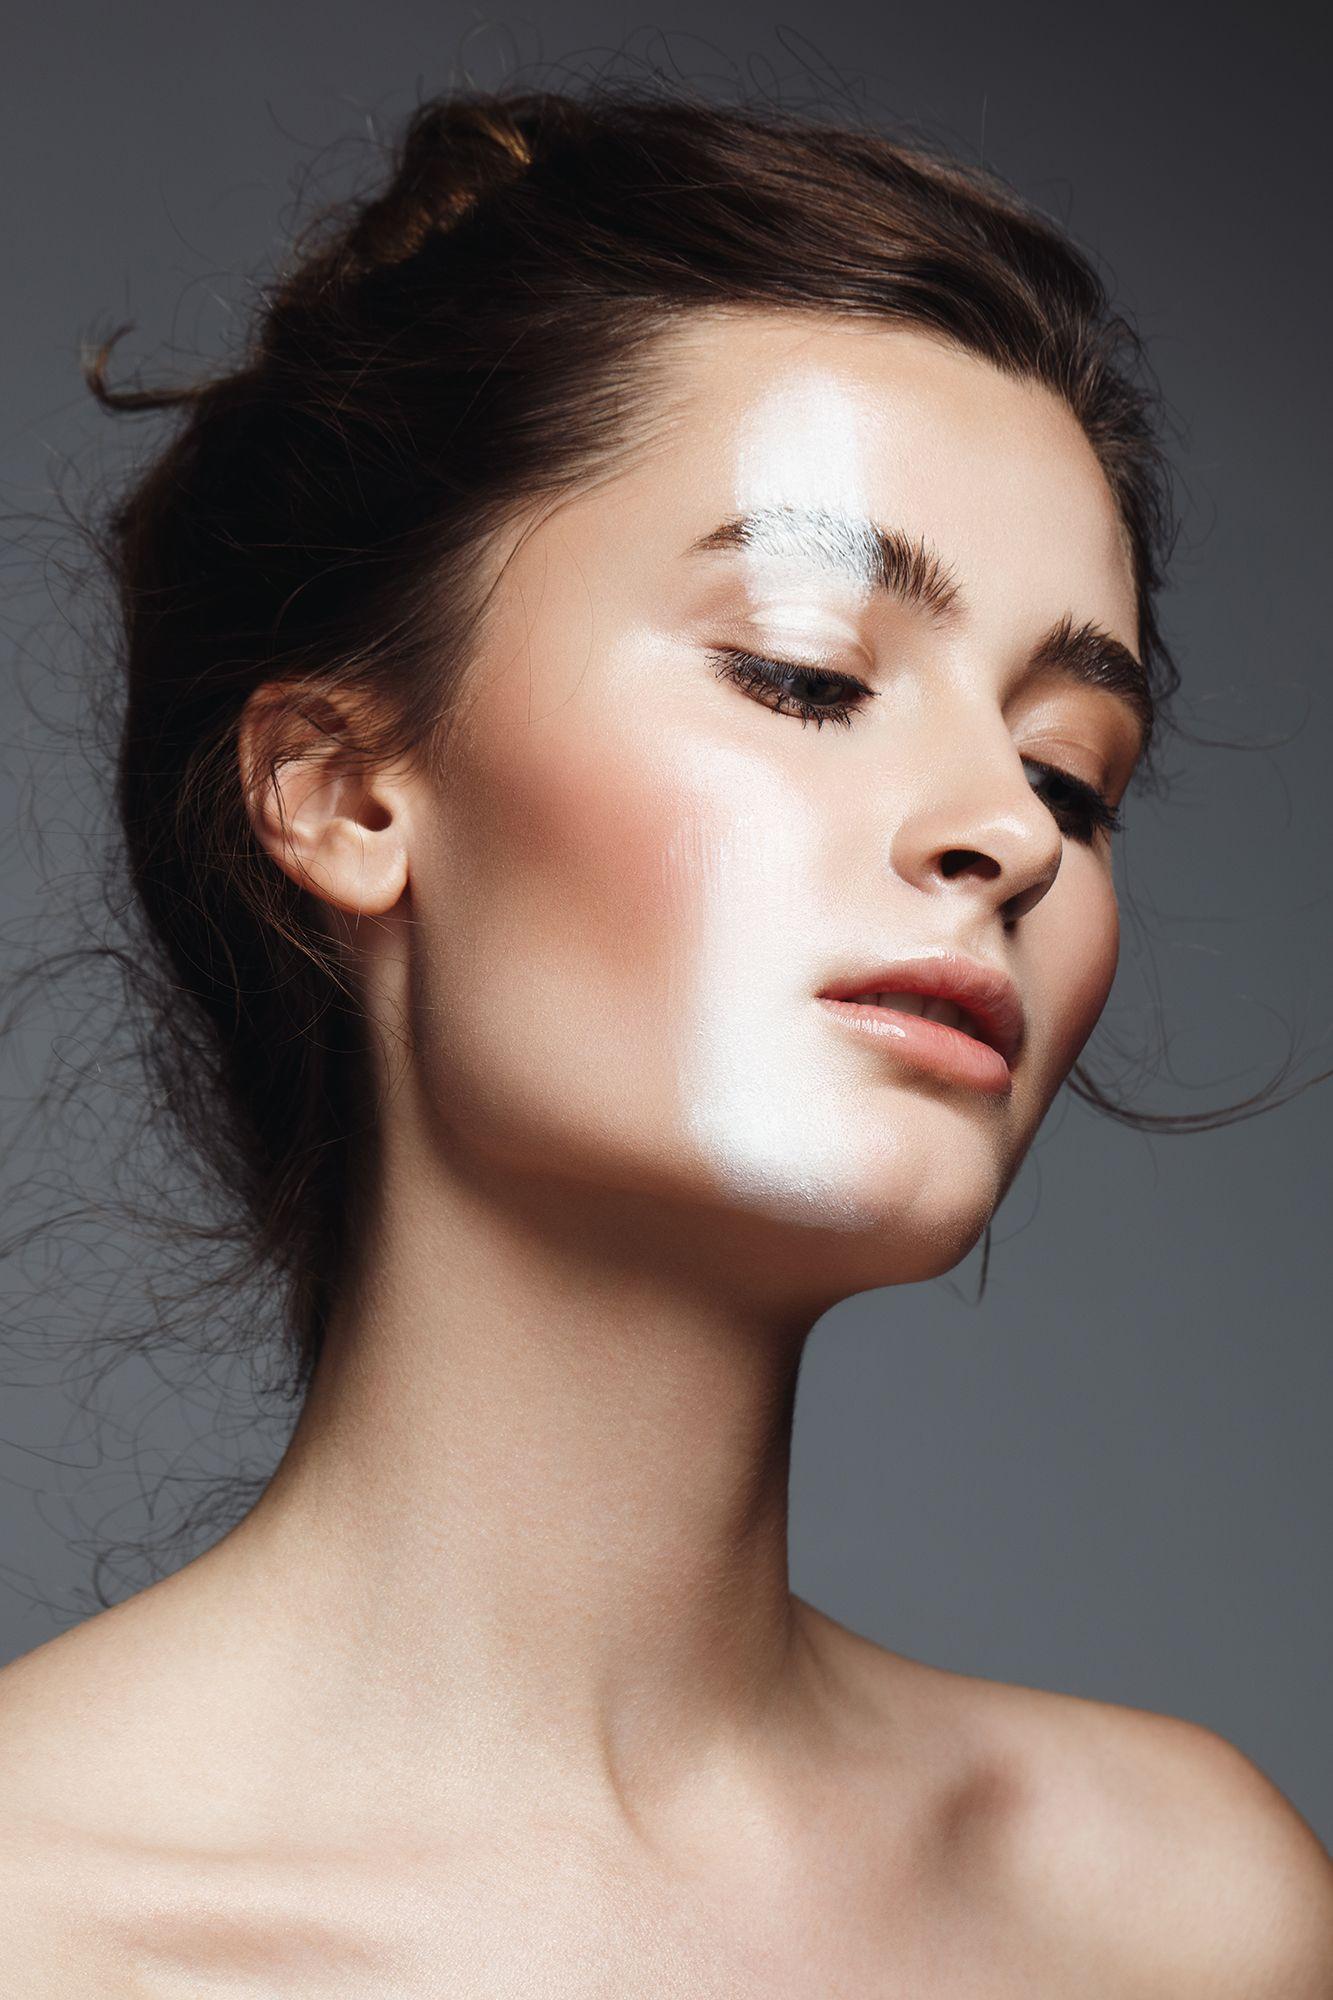 Falsos mitos de belleza